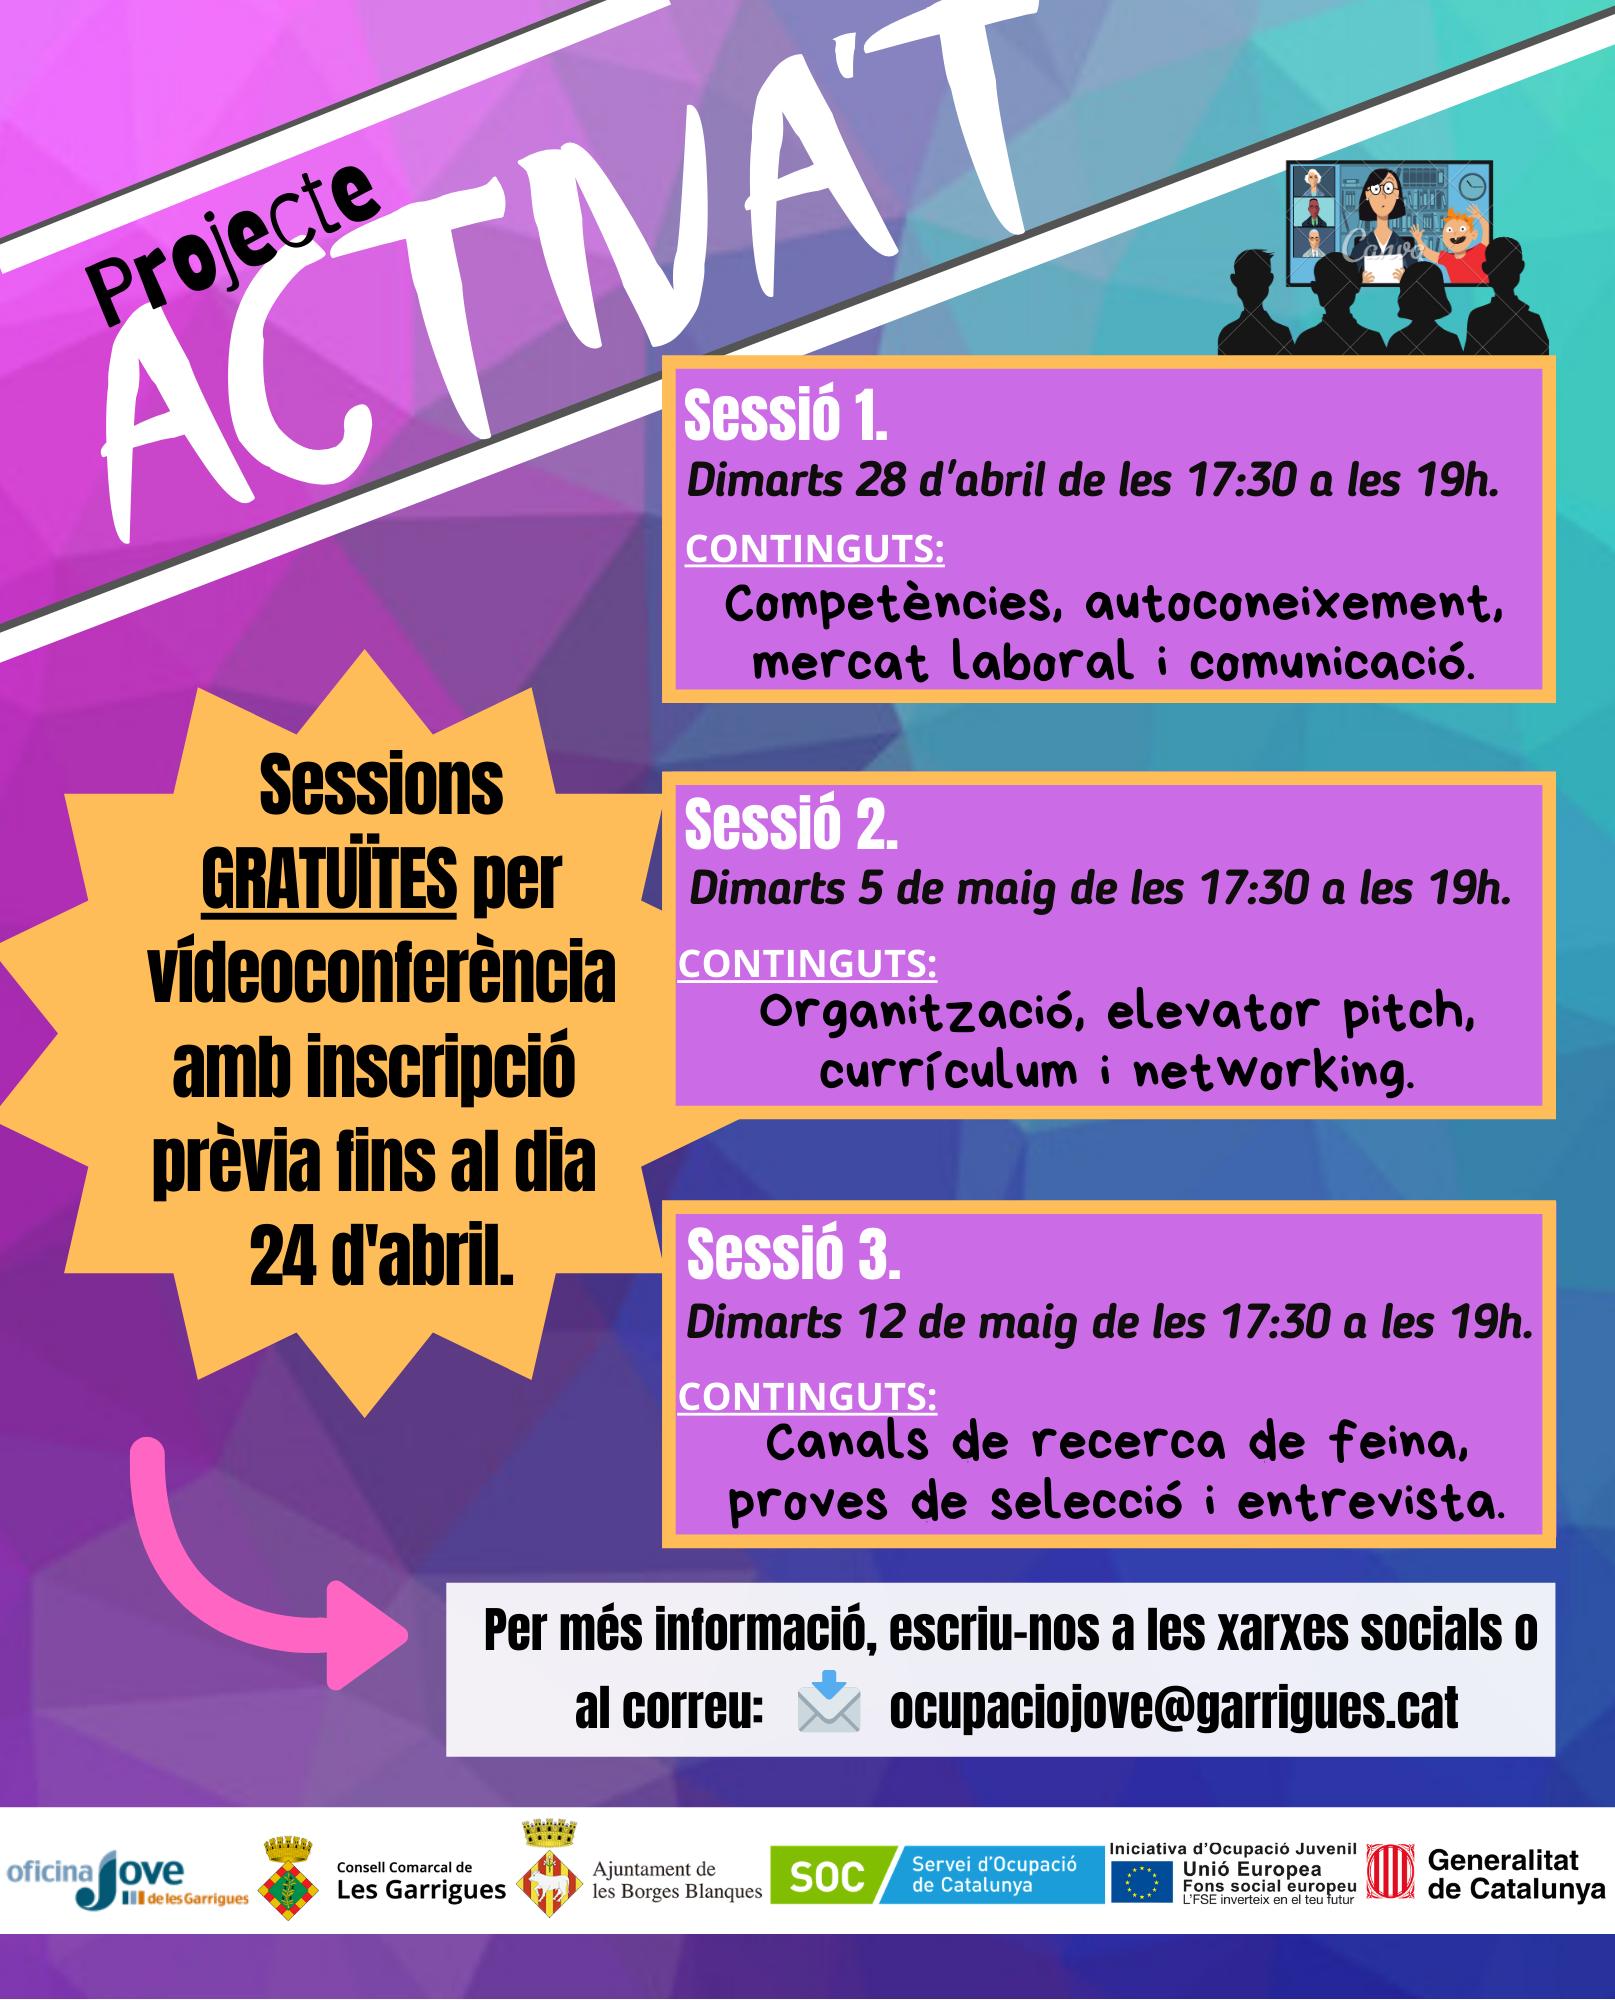 L'Oficina Jove de les Garrigues posa en marxa el projecte Activa't amb sessions telemàtiques gratuïtes sobre competències laborals